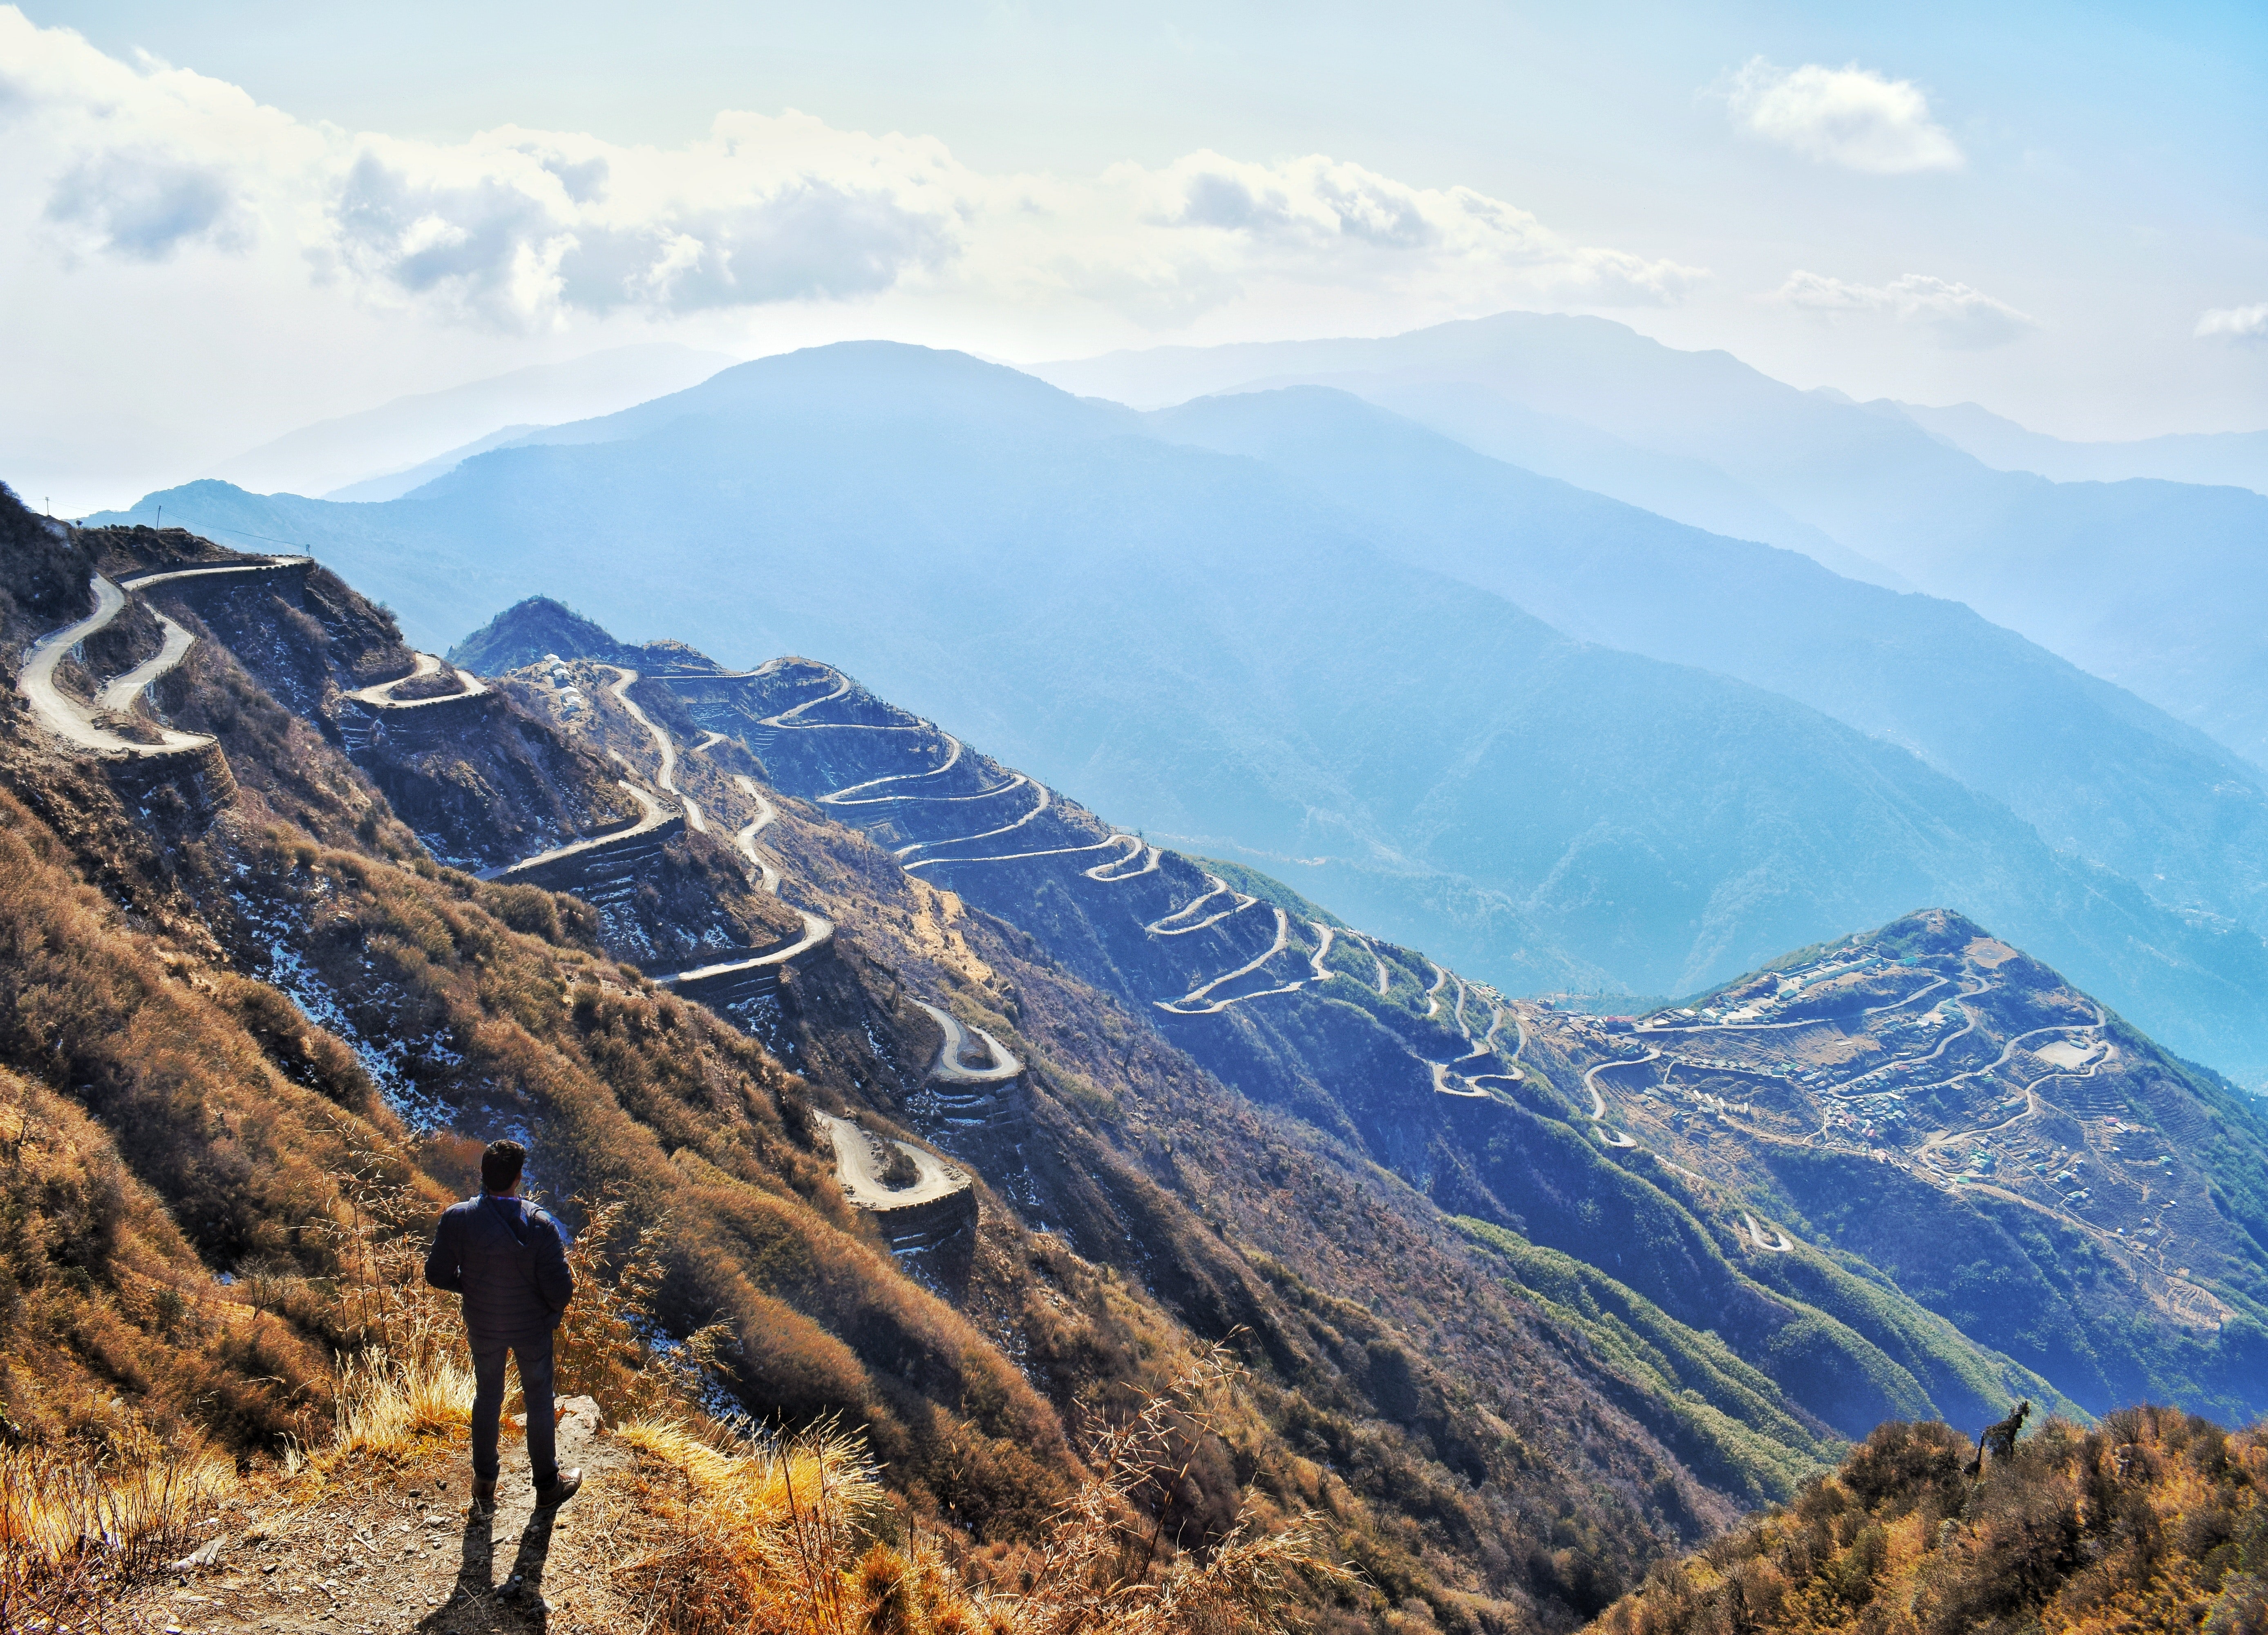 Ảnh Background phogn cảnh núi đẹp